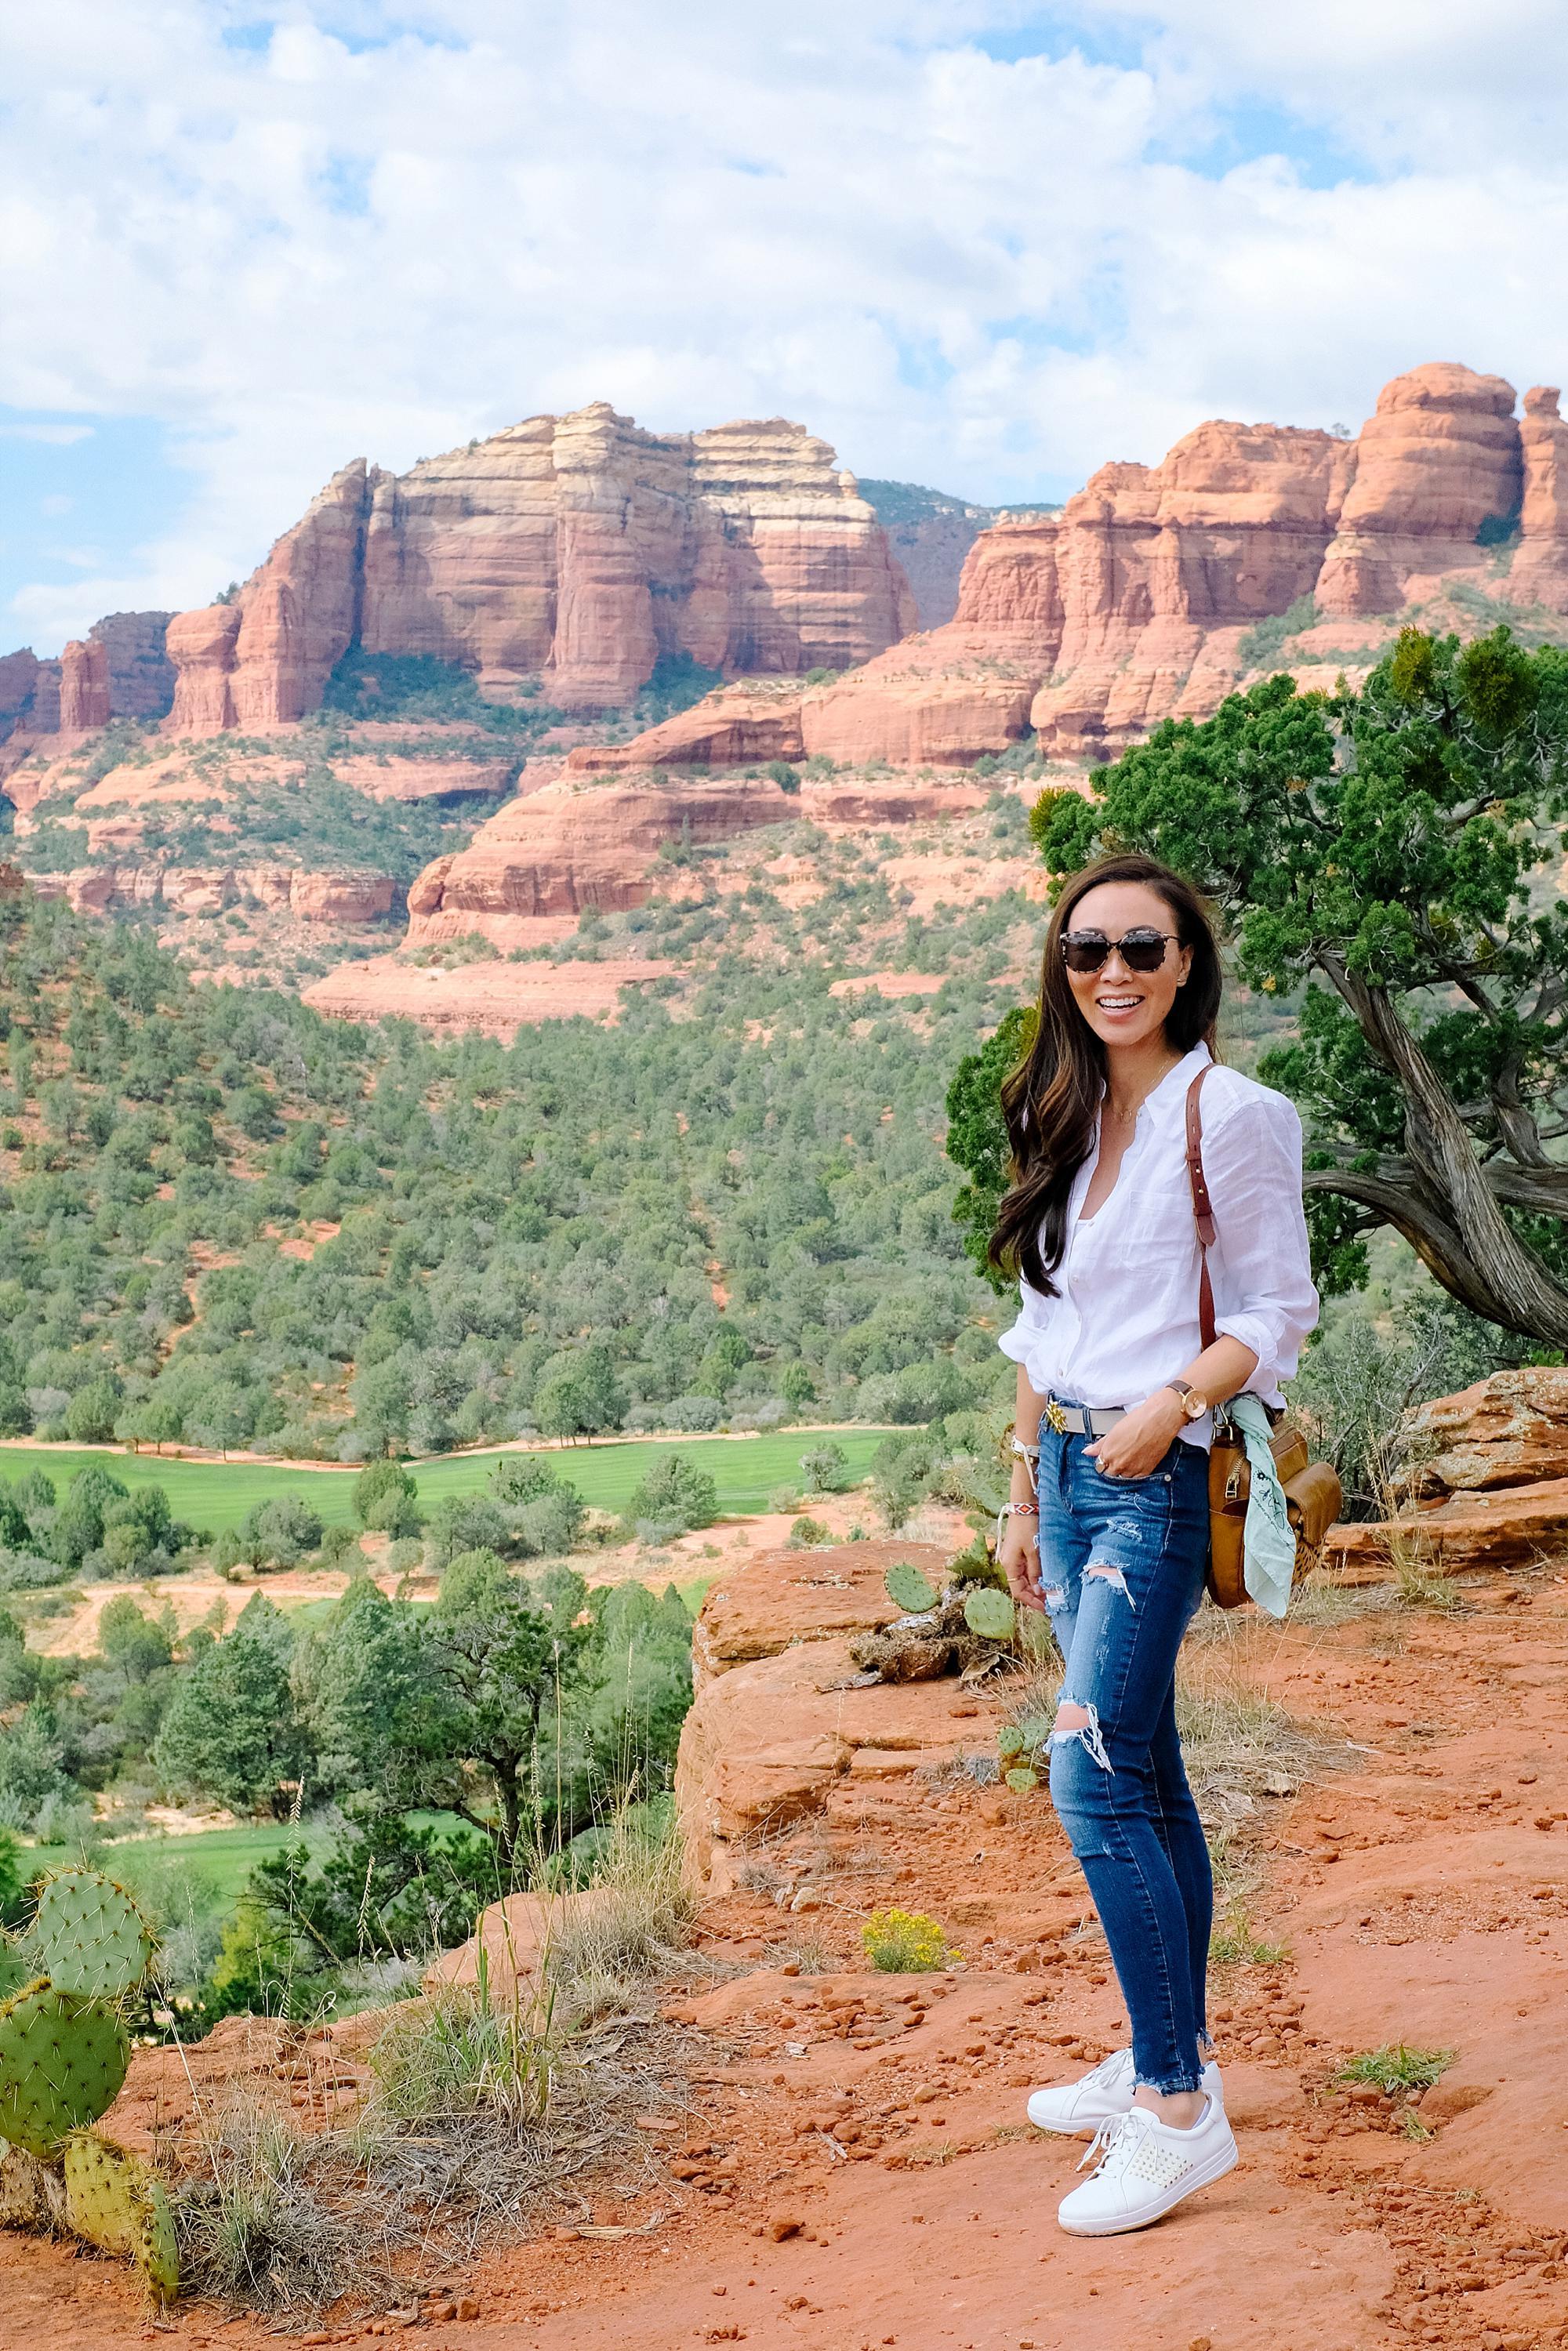 Sedona Jeep red rock tour safari at seven canyons